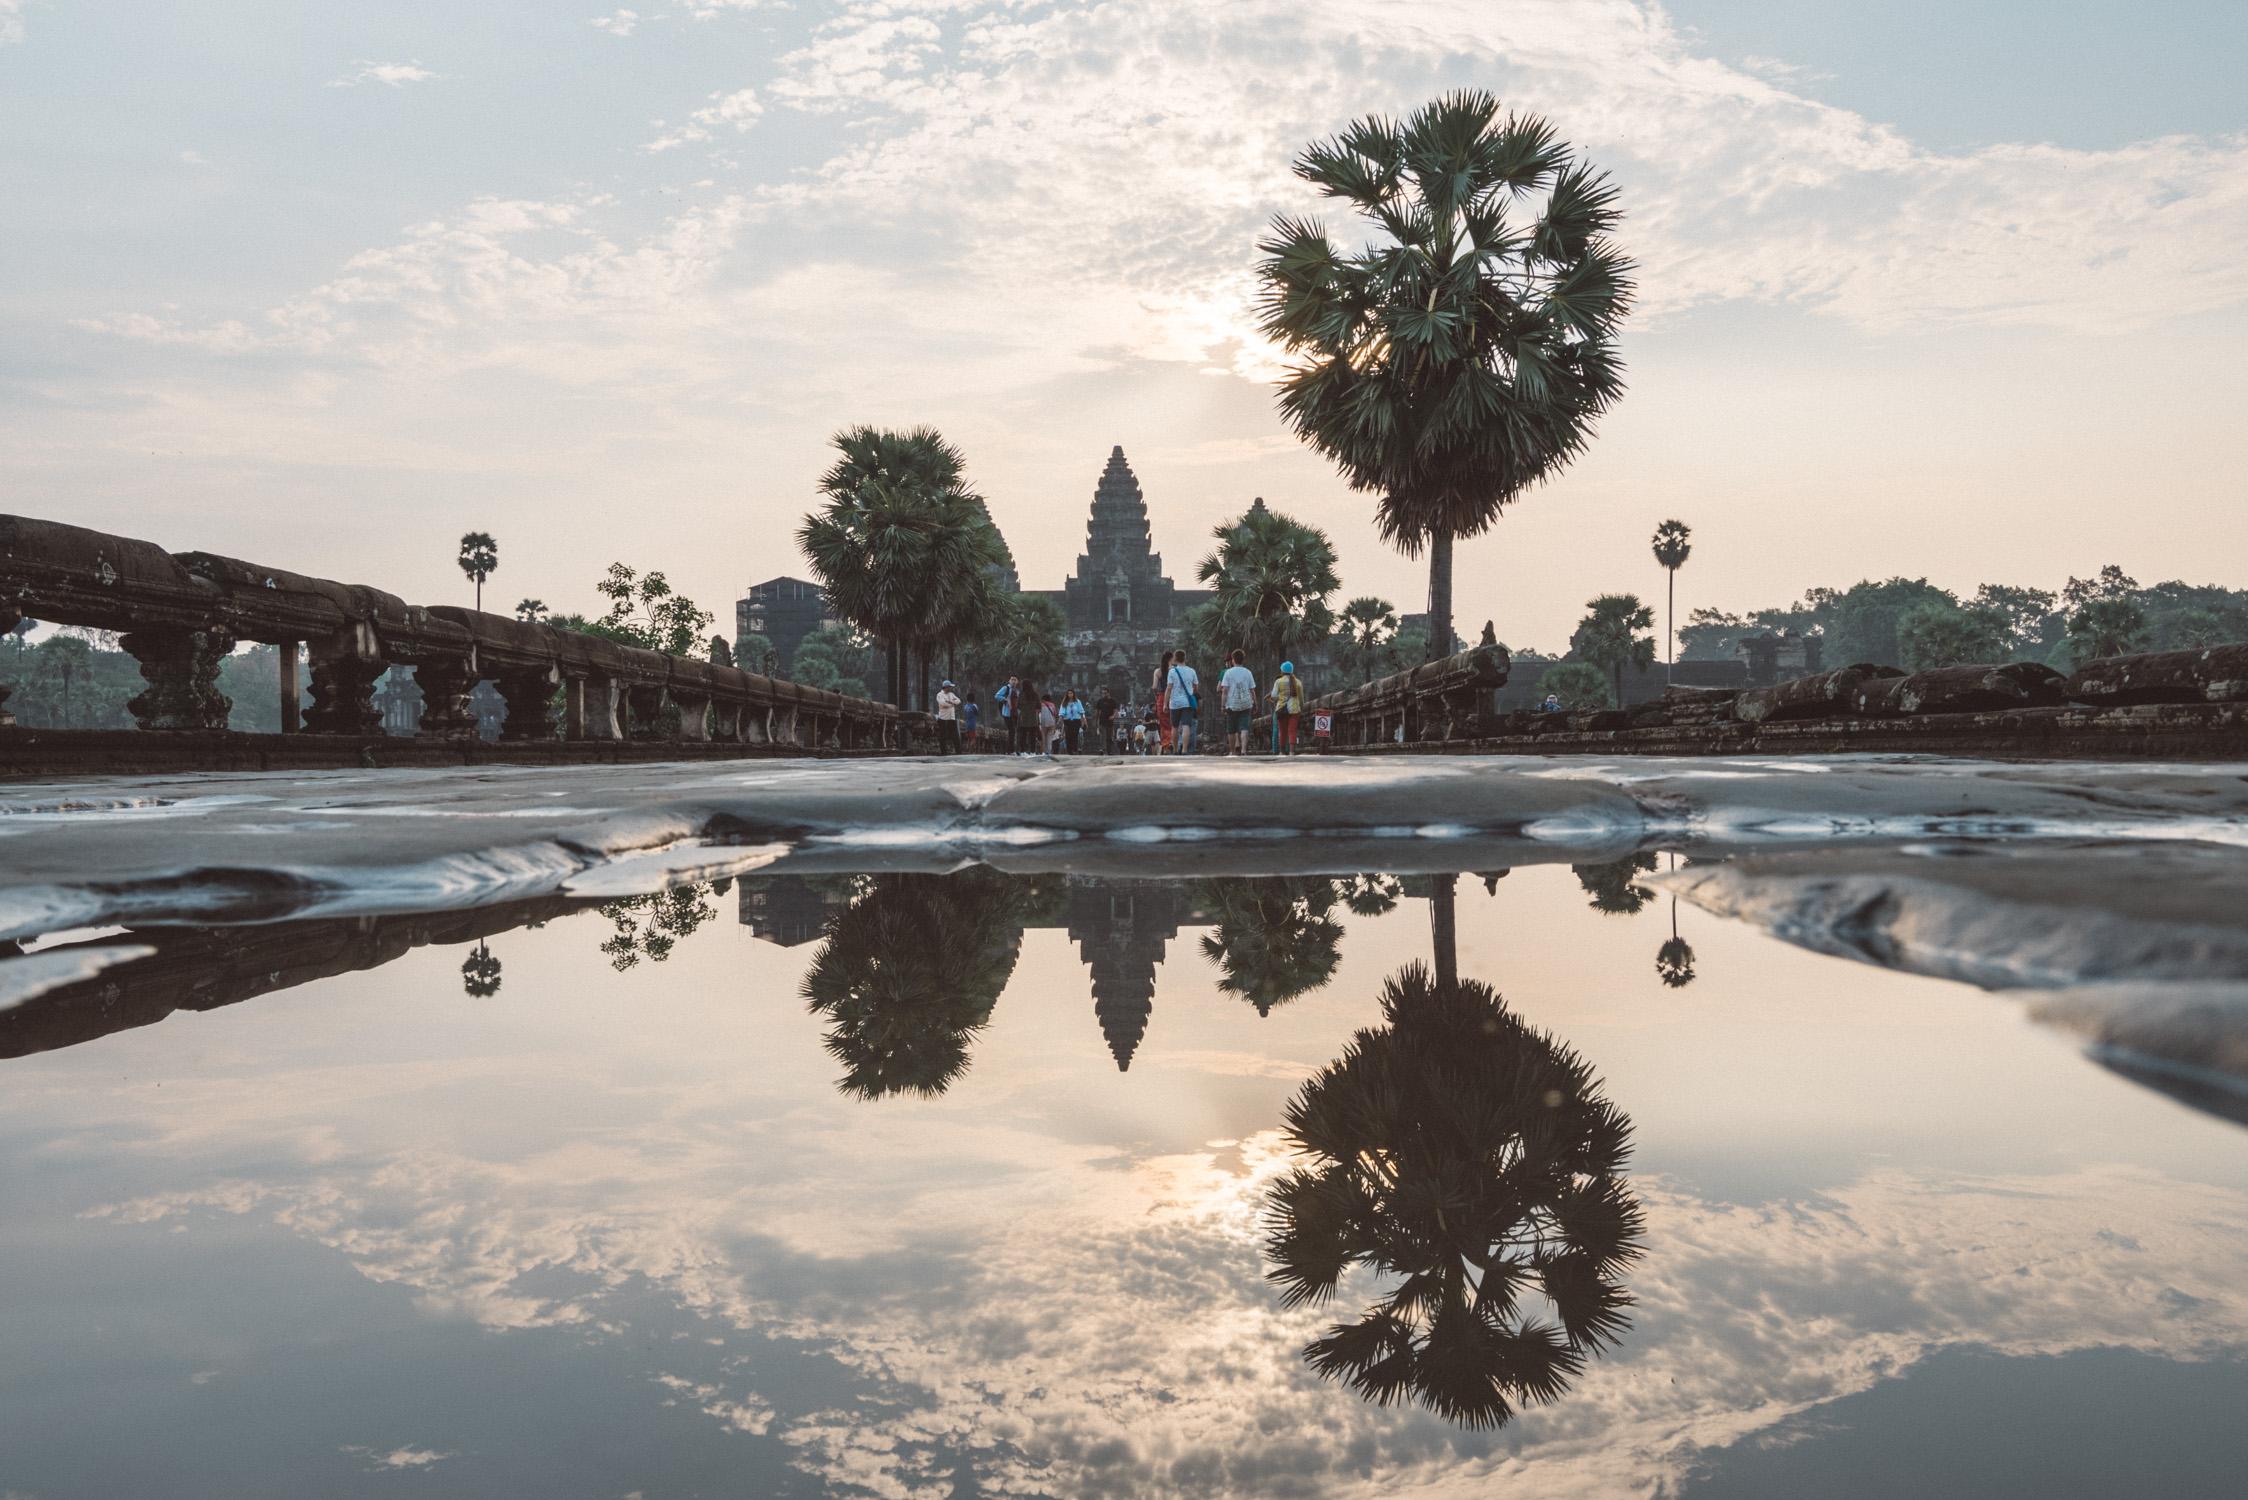 Angkor Wat reflexion [David Tan]